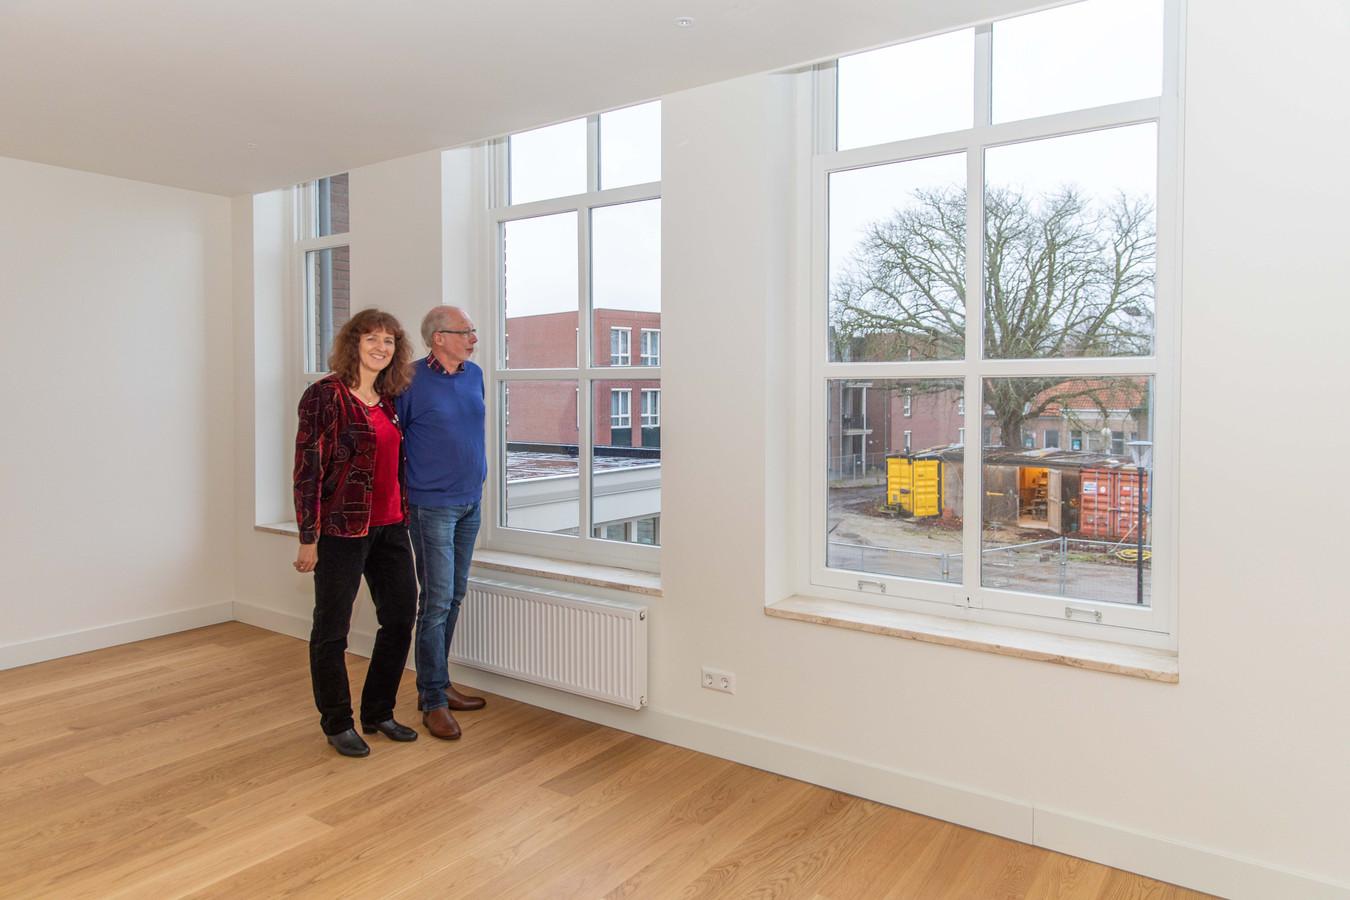 Wilma en Bert Vroegop in de kamer in Het Gastenhuis waar binnenkort hun (schoon)moeder woont.